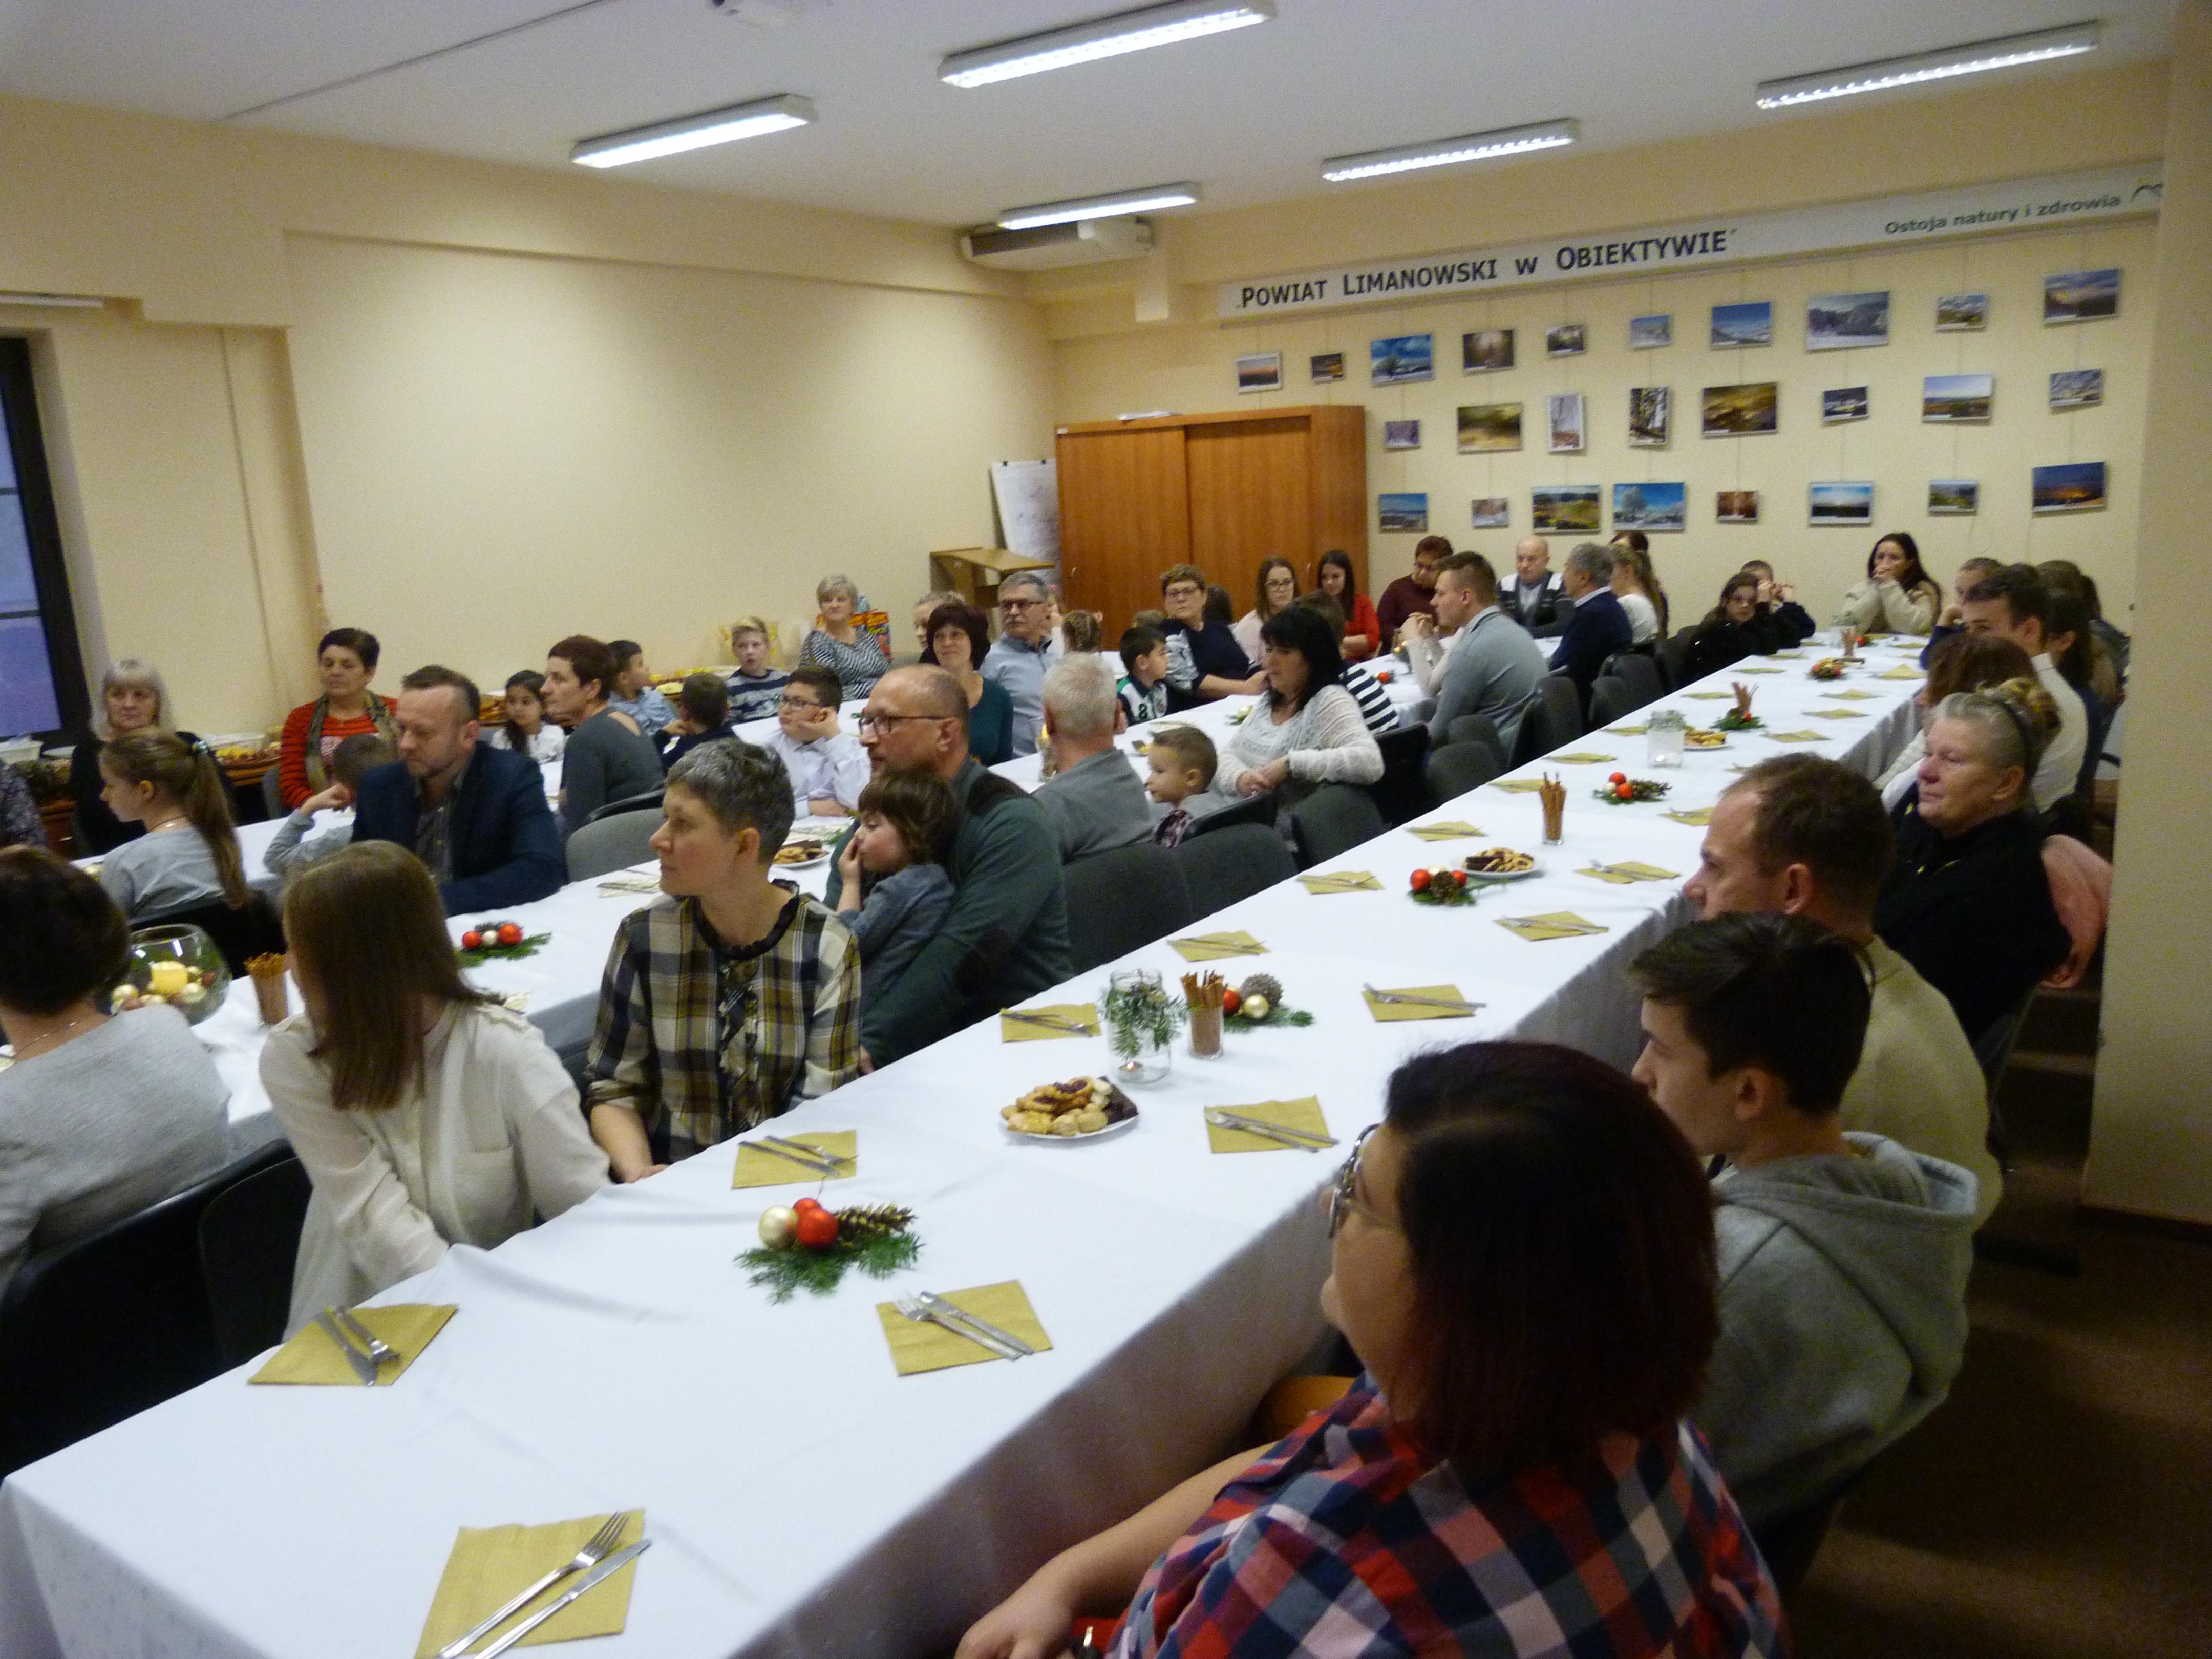 Rodziny zastępcze podczas spotkania noworocznego organizowanego przez PCRP w LImanowej